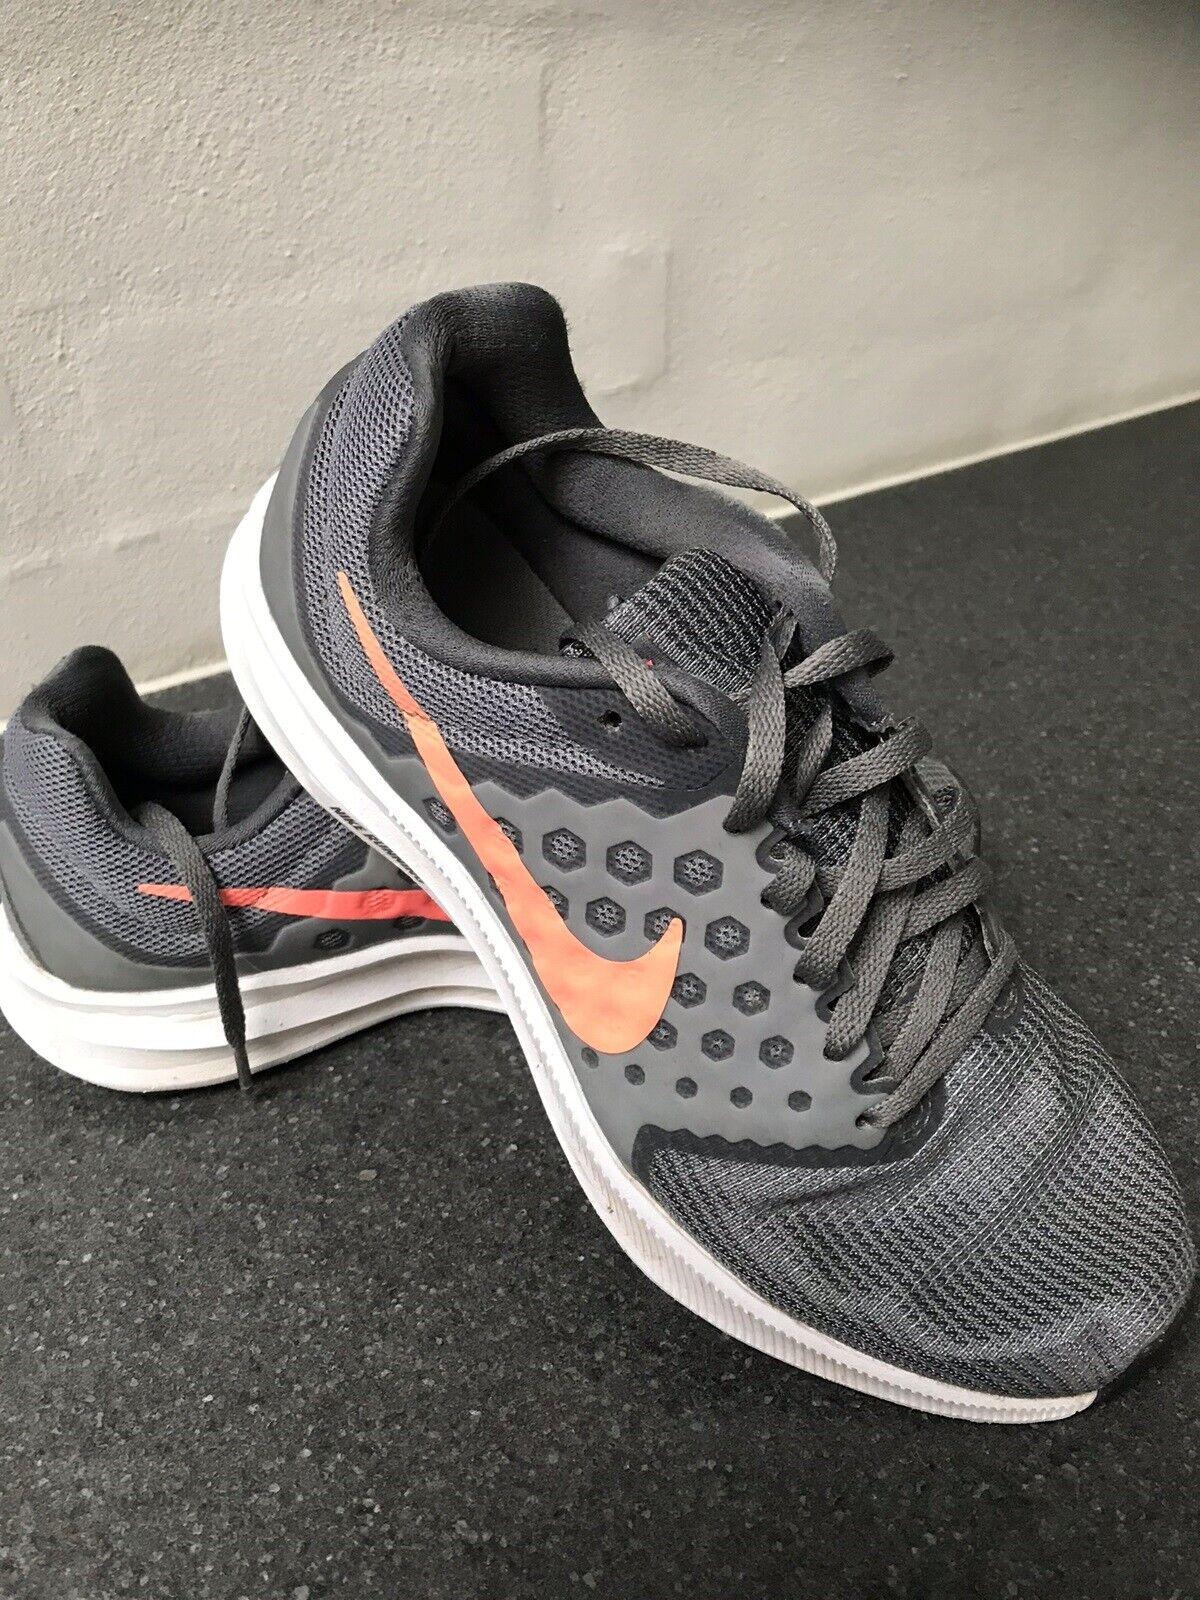 Løbesko, Nike, str. 38 – dba.dk – Køb og Salg af Nyt og Brugt